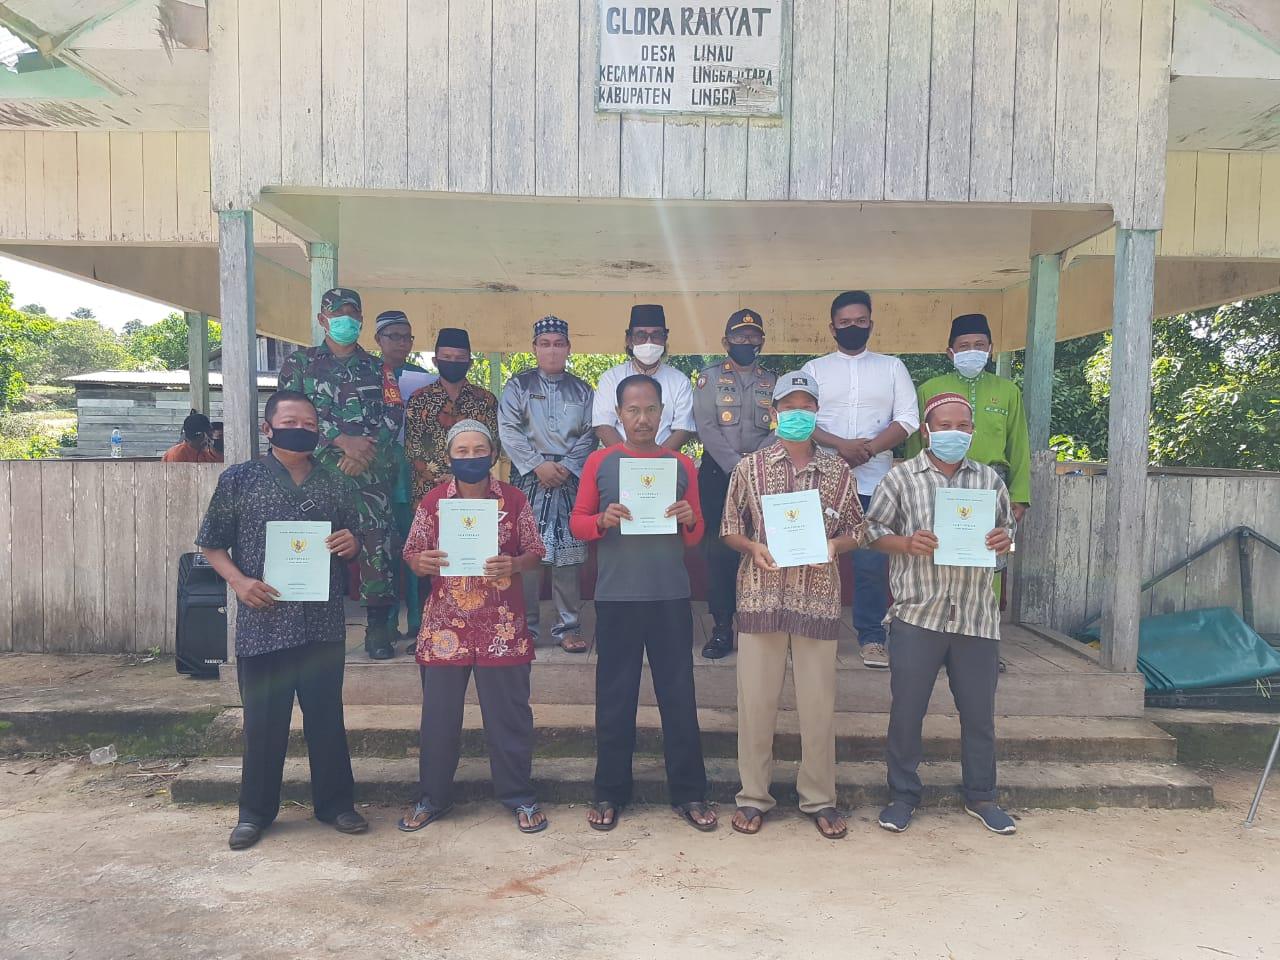 Foto Bang Nizar, desa linau, lingga utara, Nizar, Wakil Bupati Lingga